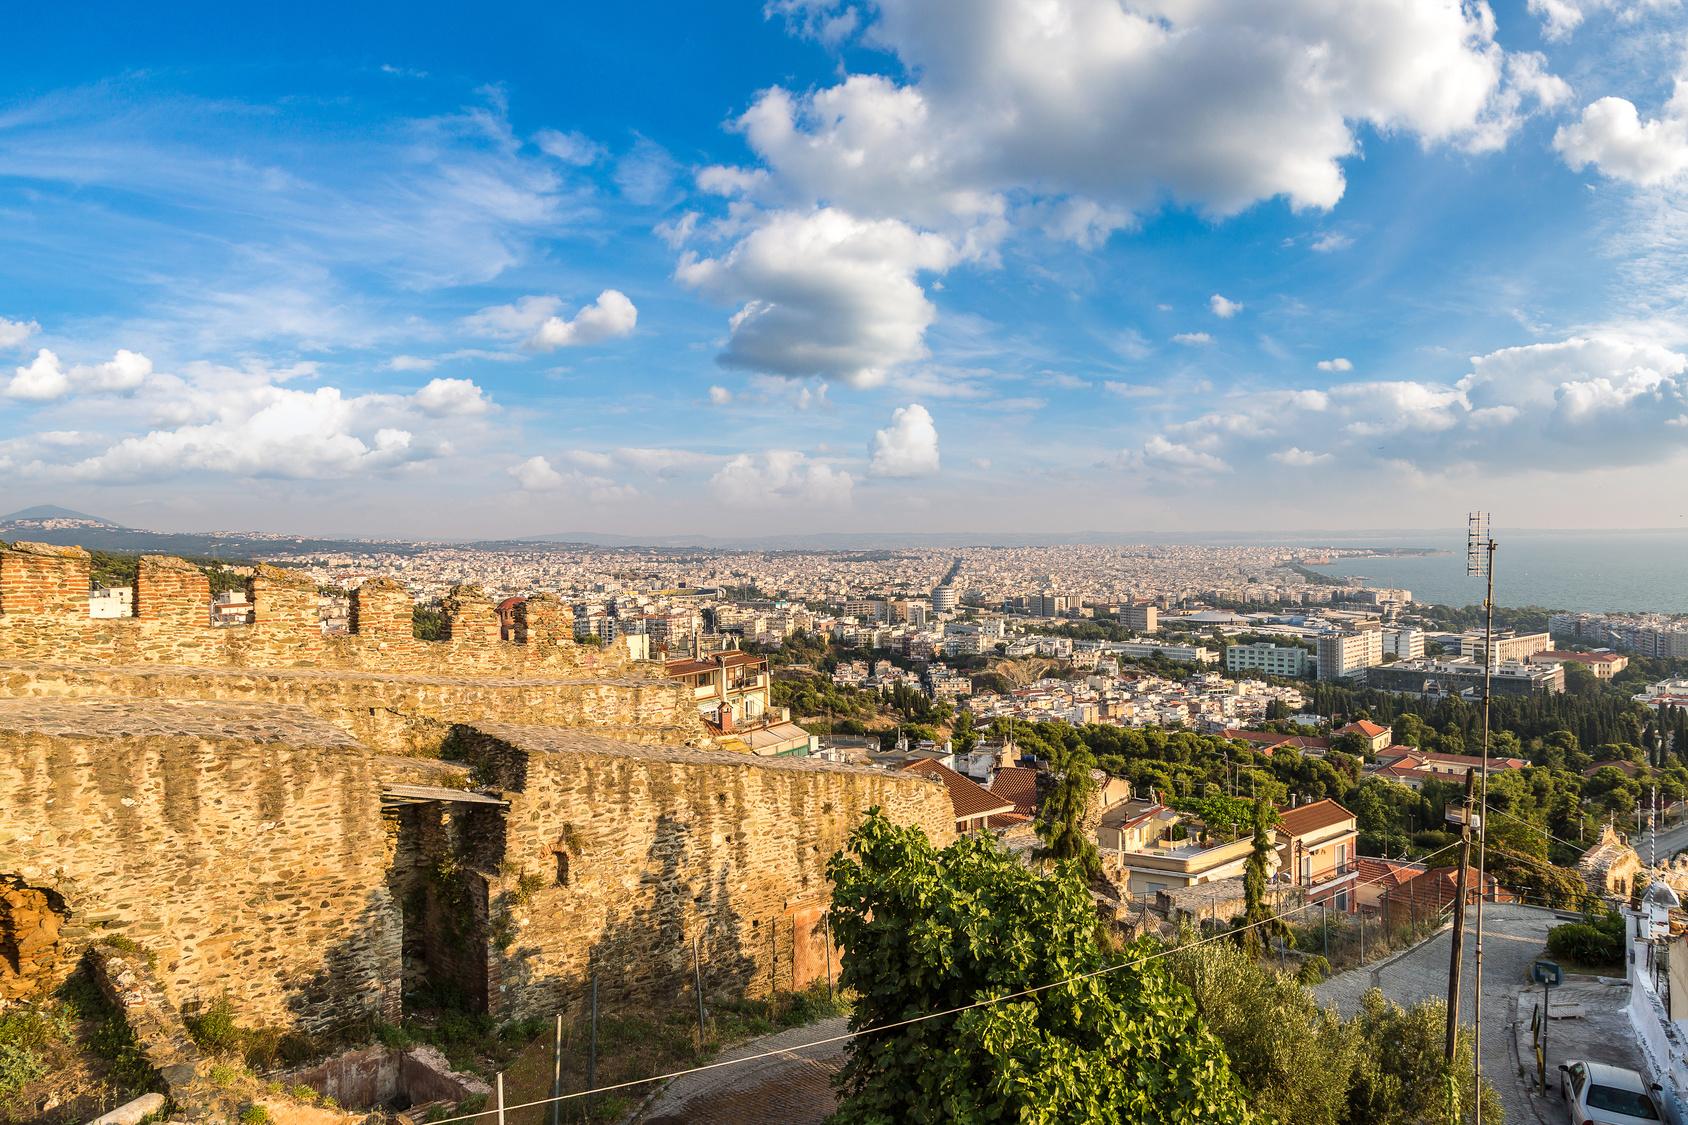 Saloniki, Grecja, zwiedzanie, turystyka, podróż, kantor internetowy, Ekantor.pl